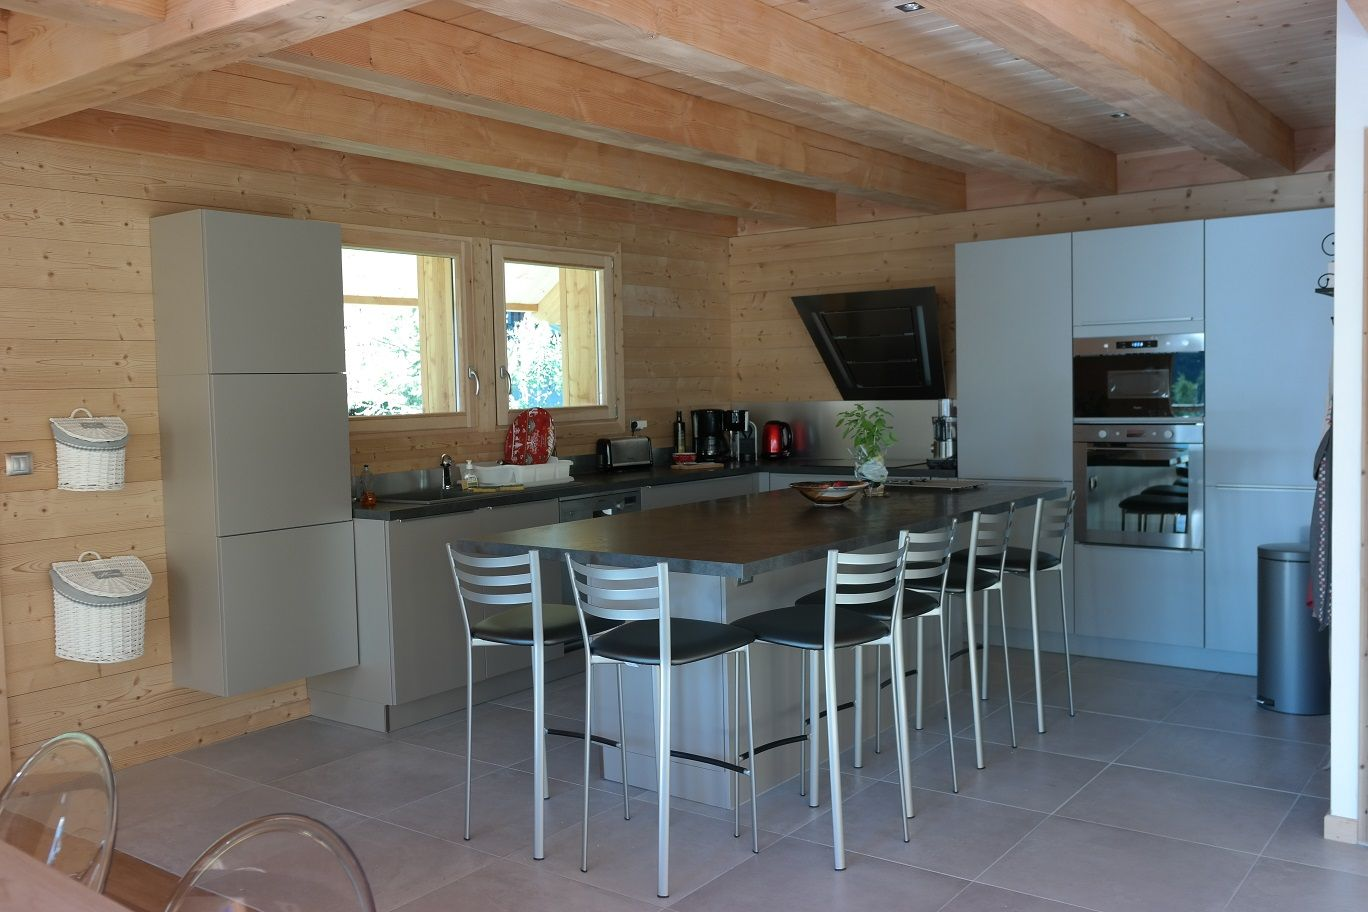 pingl par chalets lombard vasina sur photos d 39 int rieur de chalets et maisons bois lombard. Black Bedroom Furniture Sets. Home Design Ideas